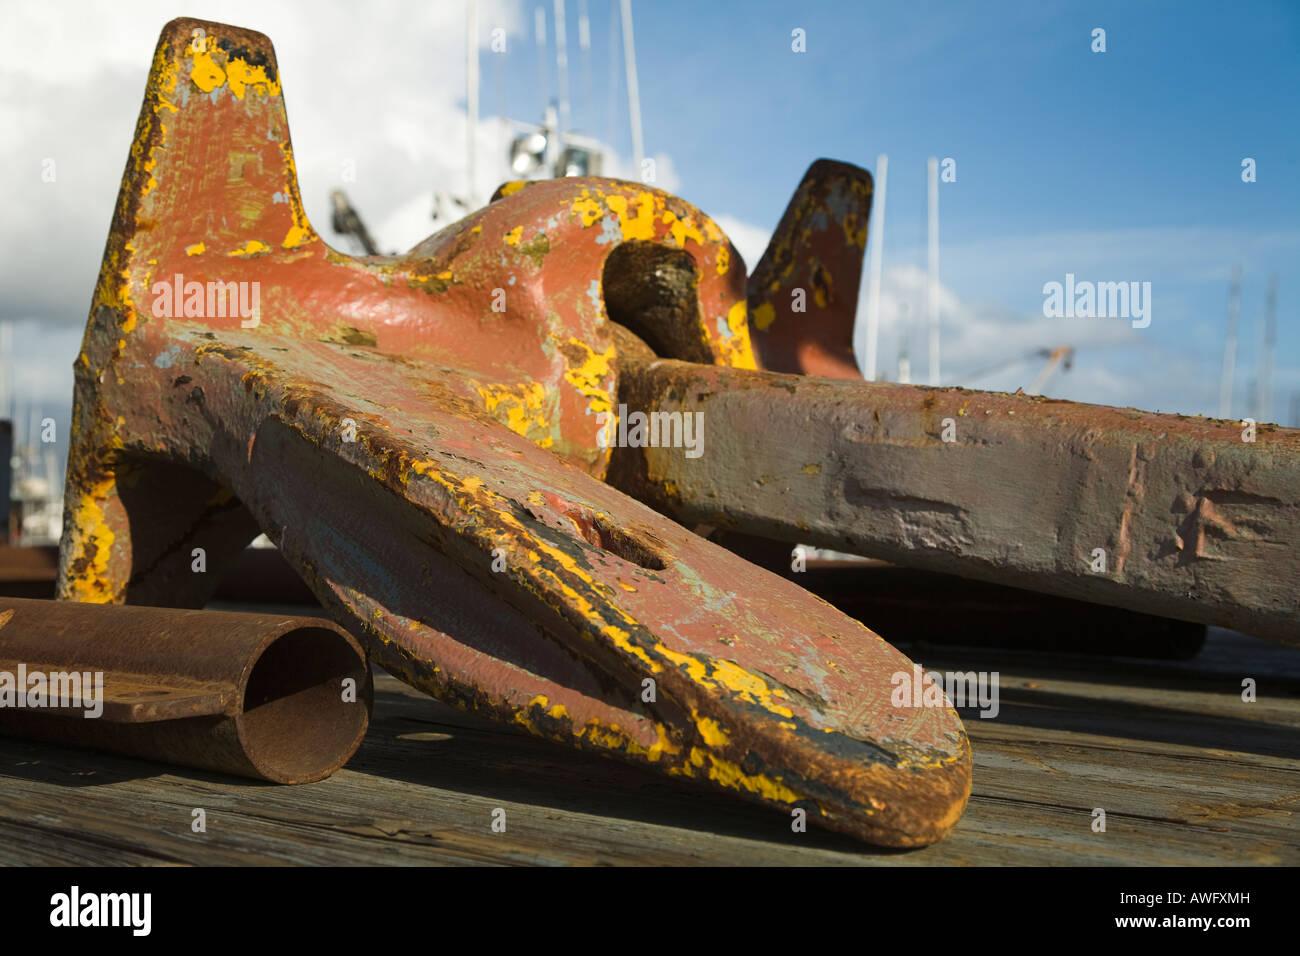 CALIFORNIA Santa Barbara großen rostigen Metall Boot vor Anker auf Ladefläche verblasst und gechipt gelben Stockbild